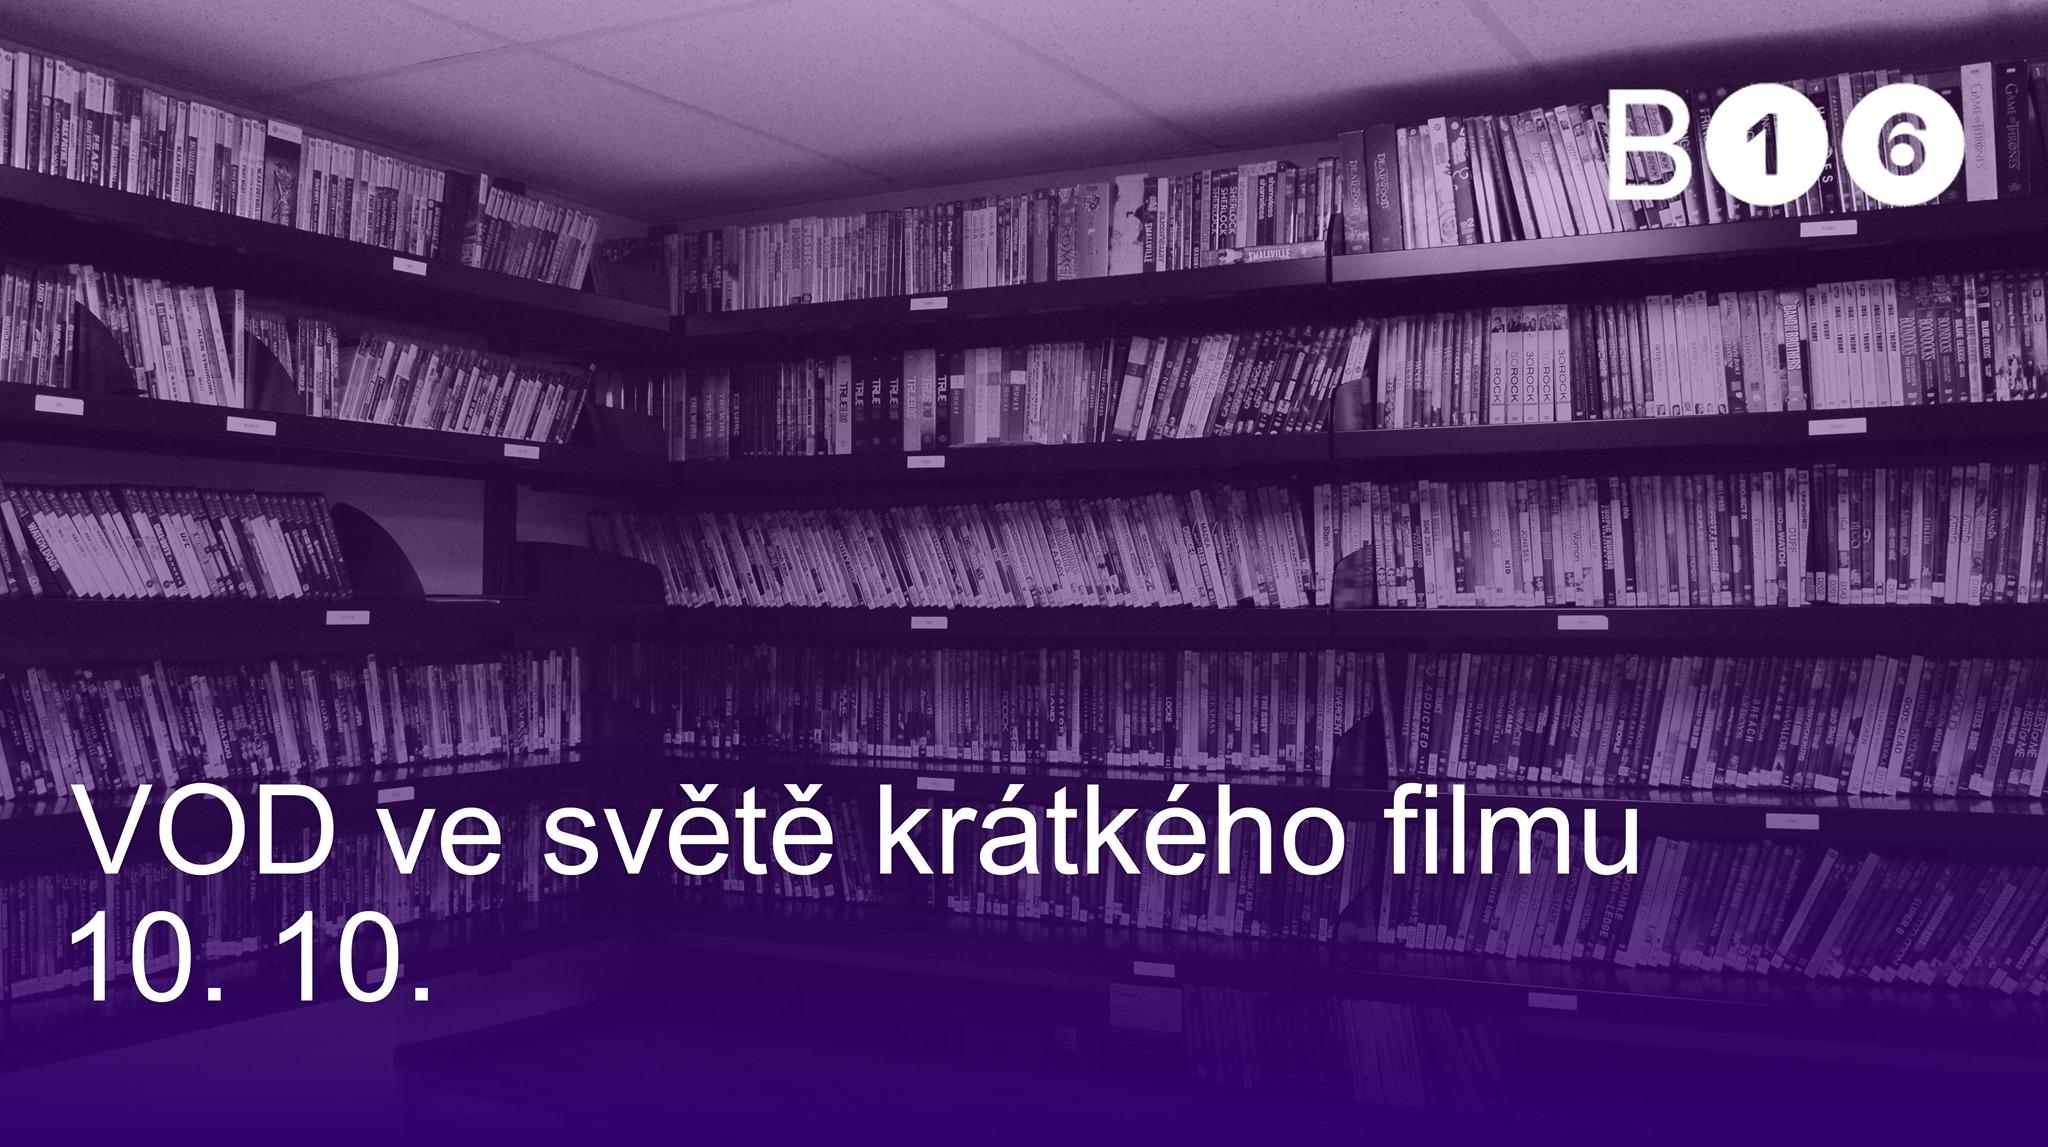 ČT / 10.10. / 19.00 / VOD ve světě krátkého filmu / diskuse